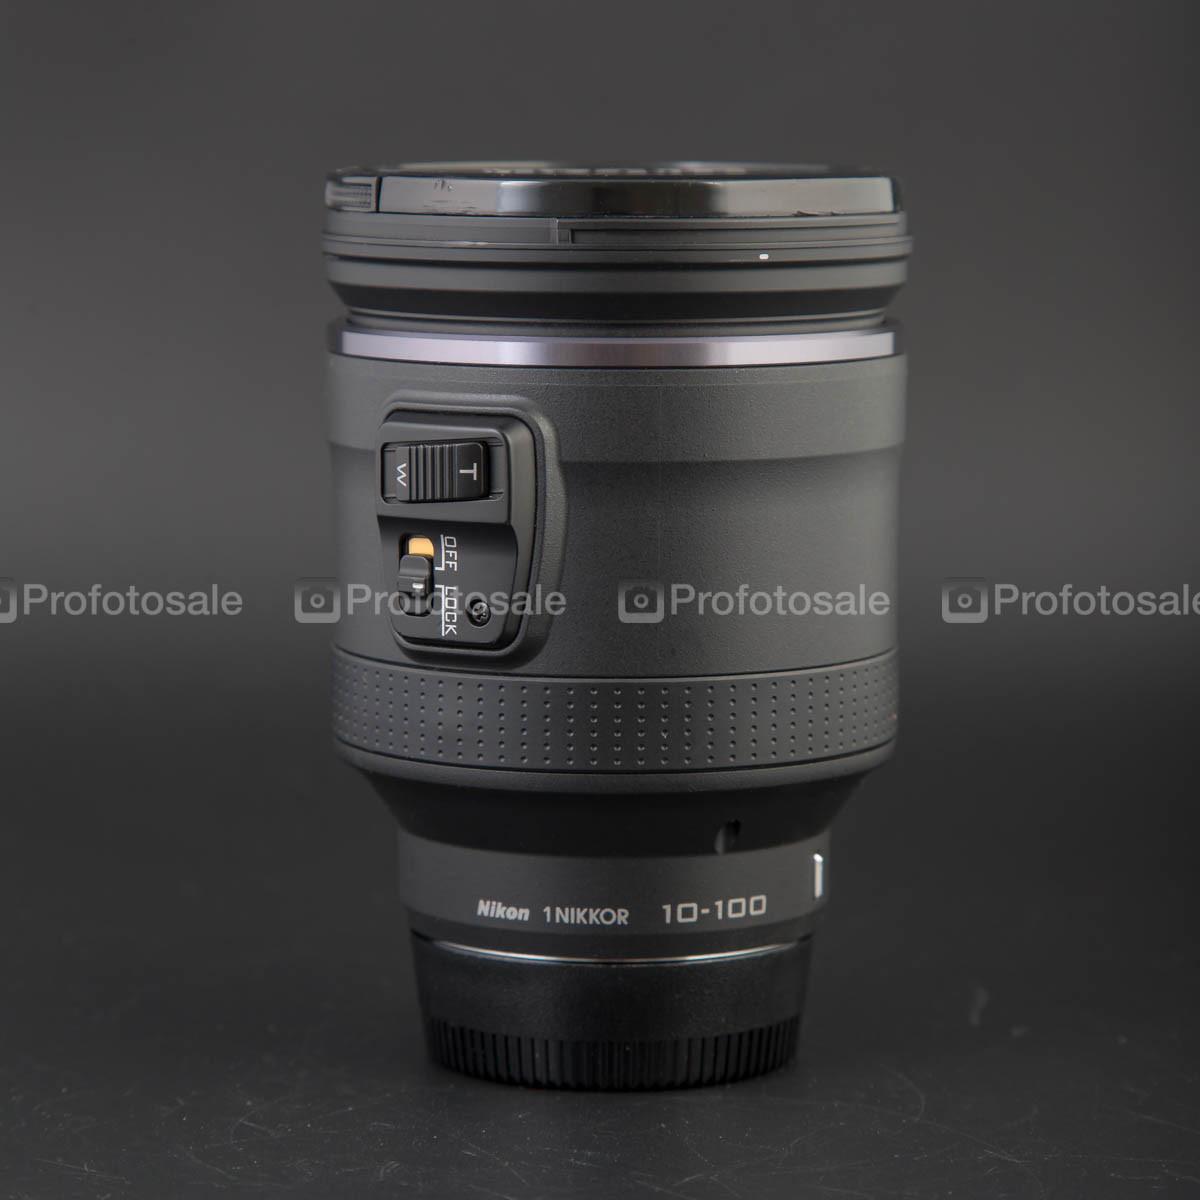 Nikon 1 Nikkor 10-100mm 1:4.5-5.6 VR